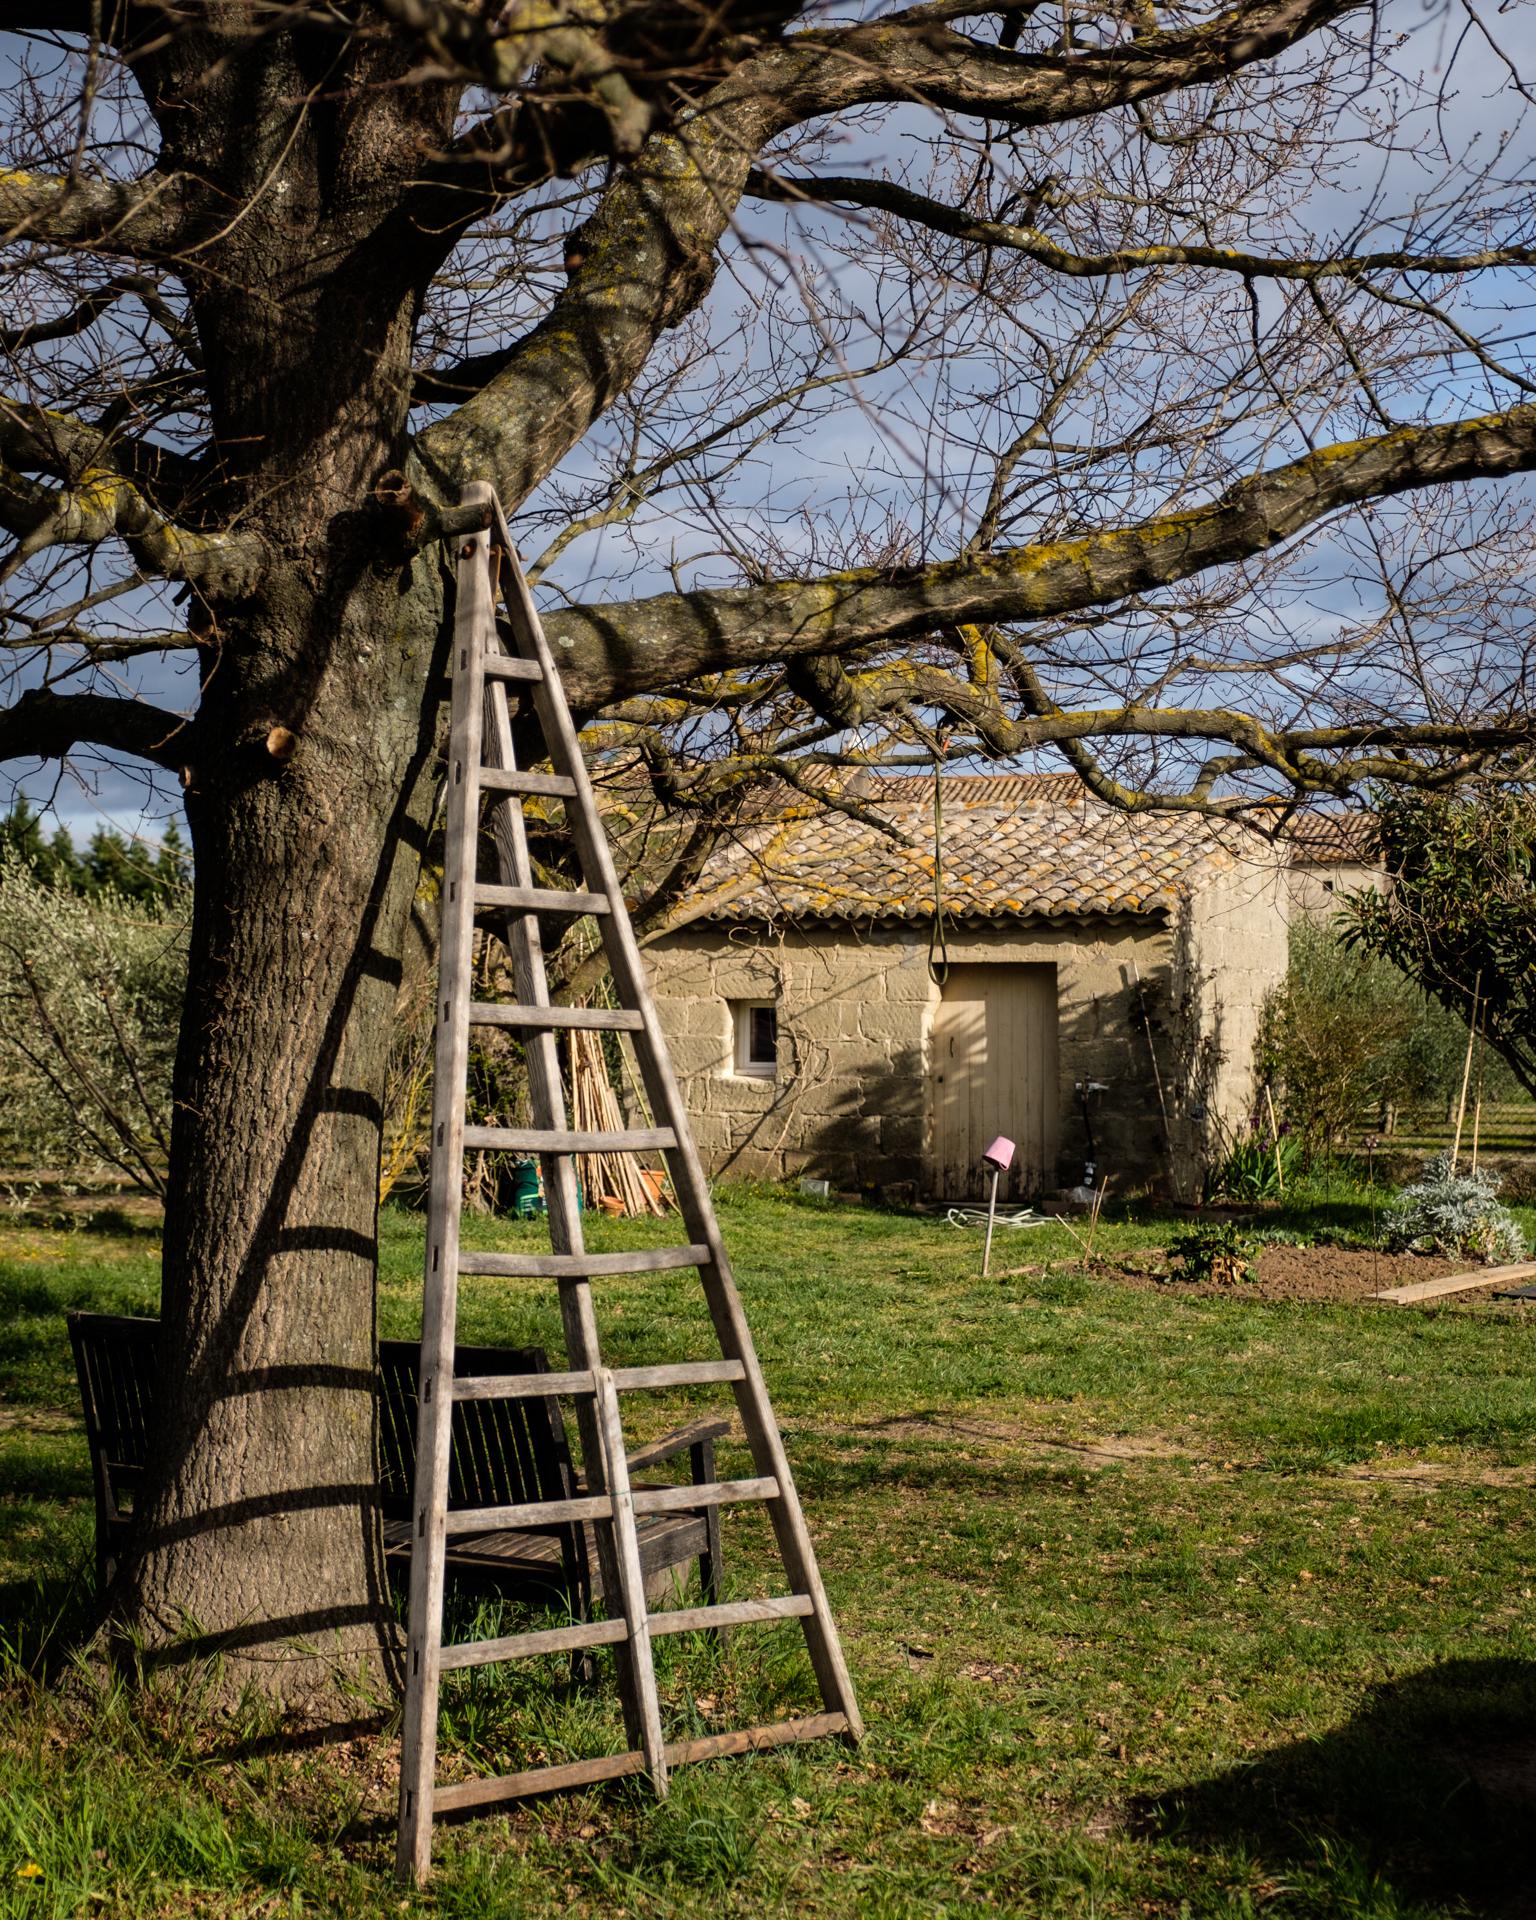 Garden Project - 4 - DSCF5792 copy.jpg